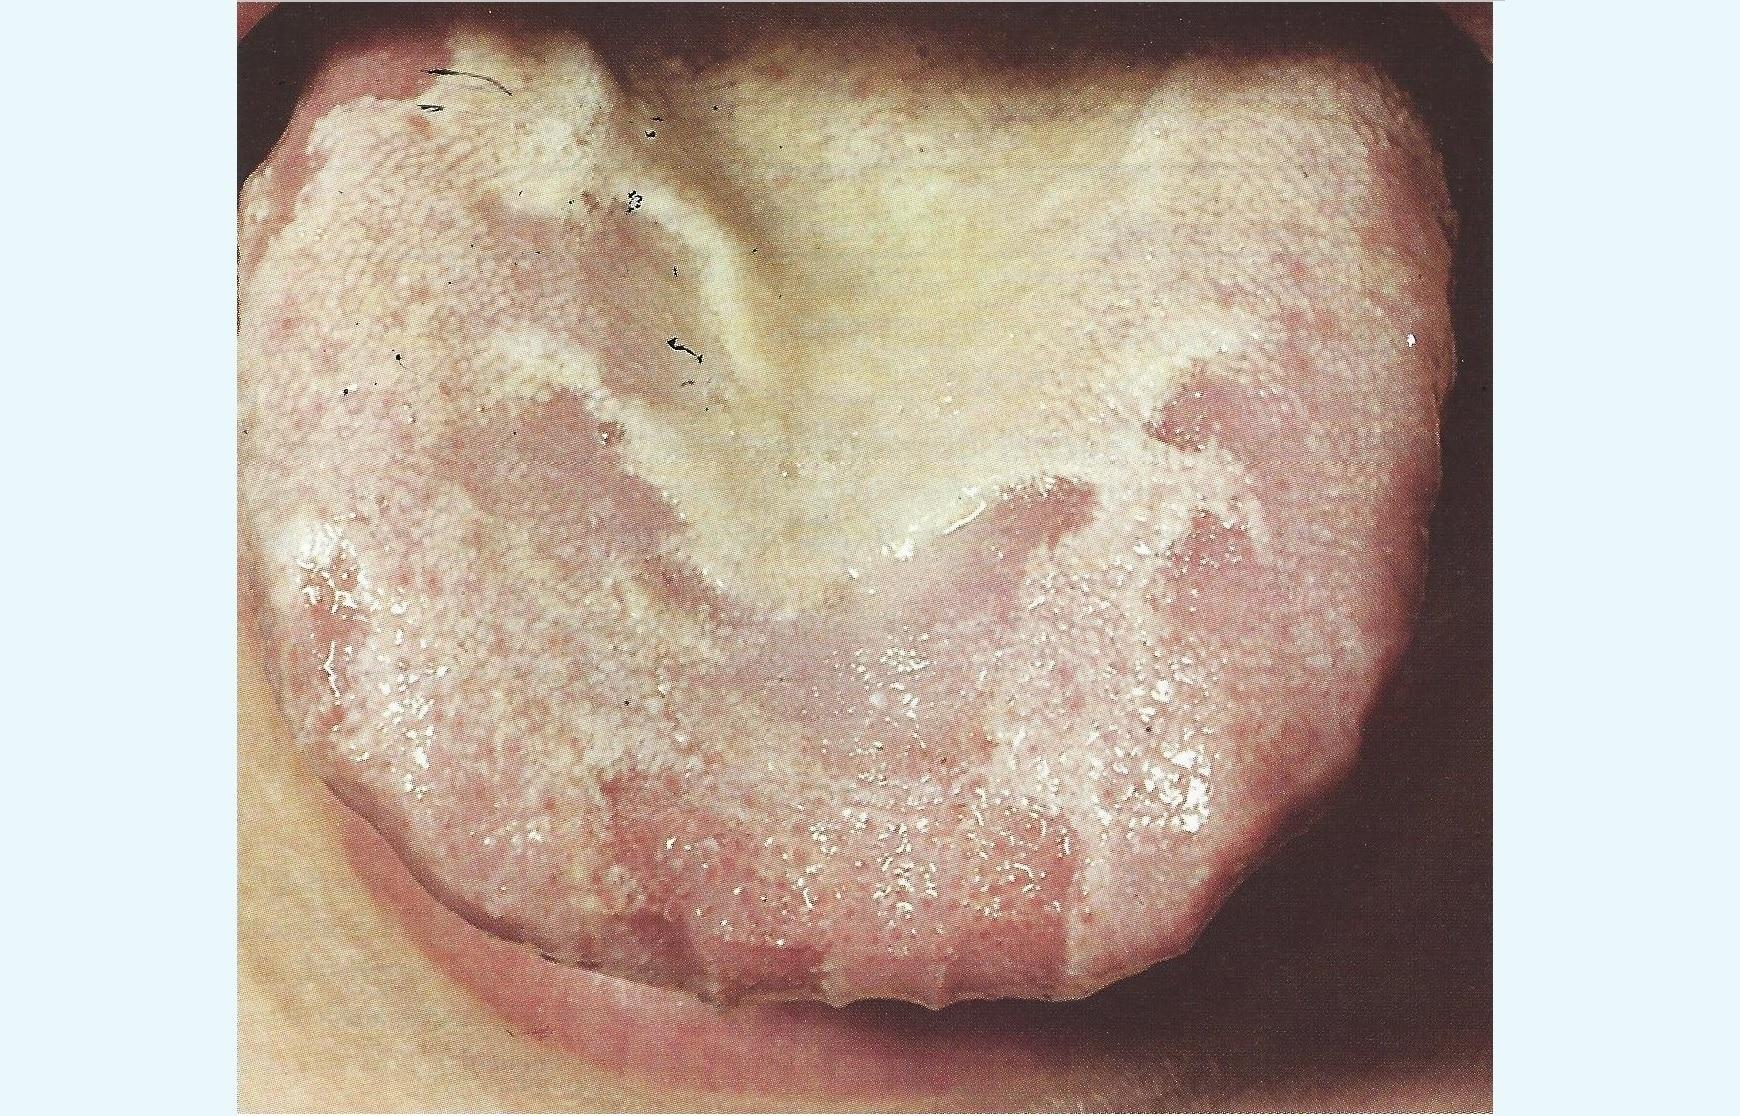 Weißer Zungenbelag